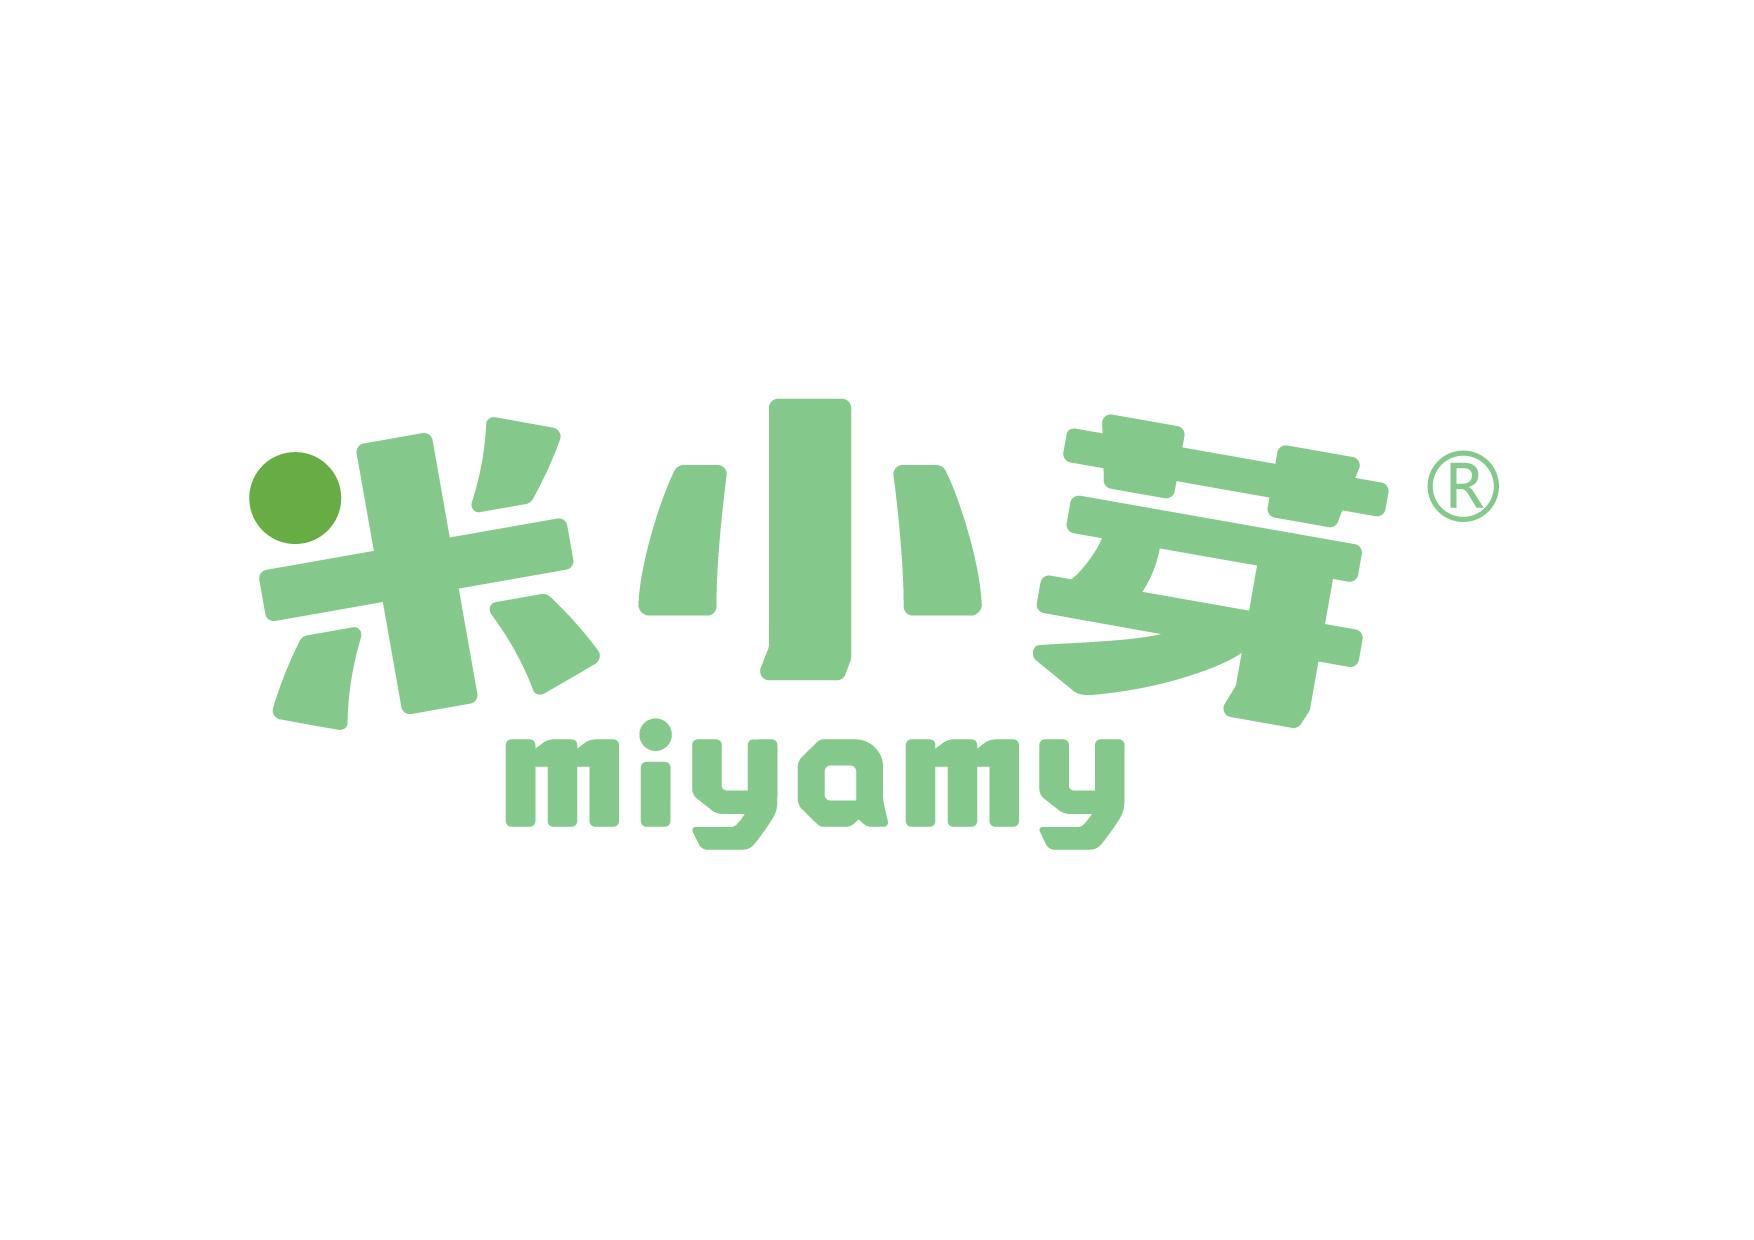 中国高端母婴市场注入新能量,米小芽宝宝米正式入驻Qtools